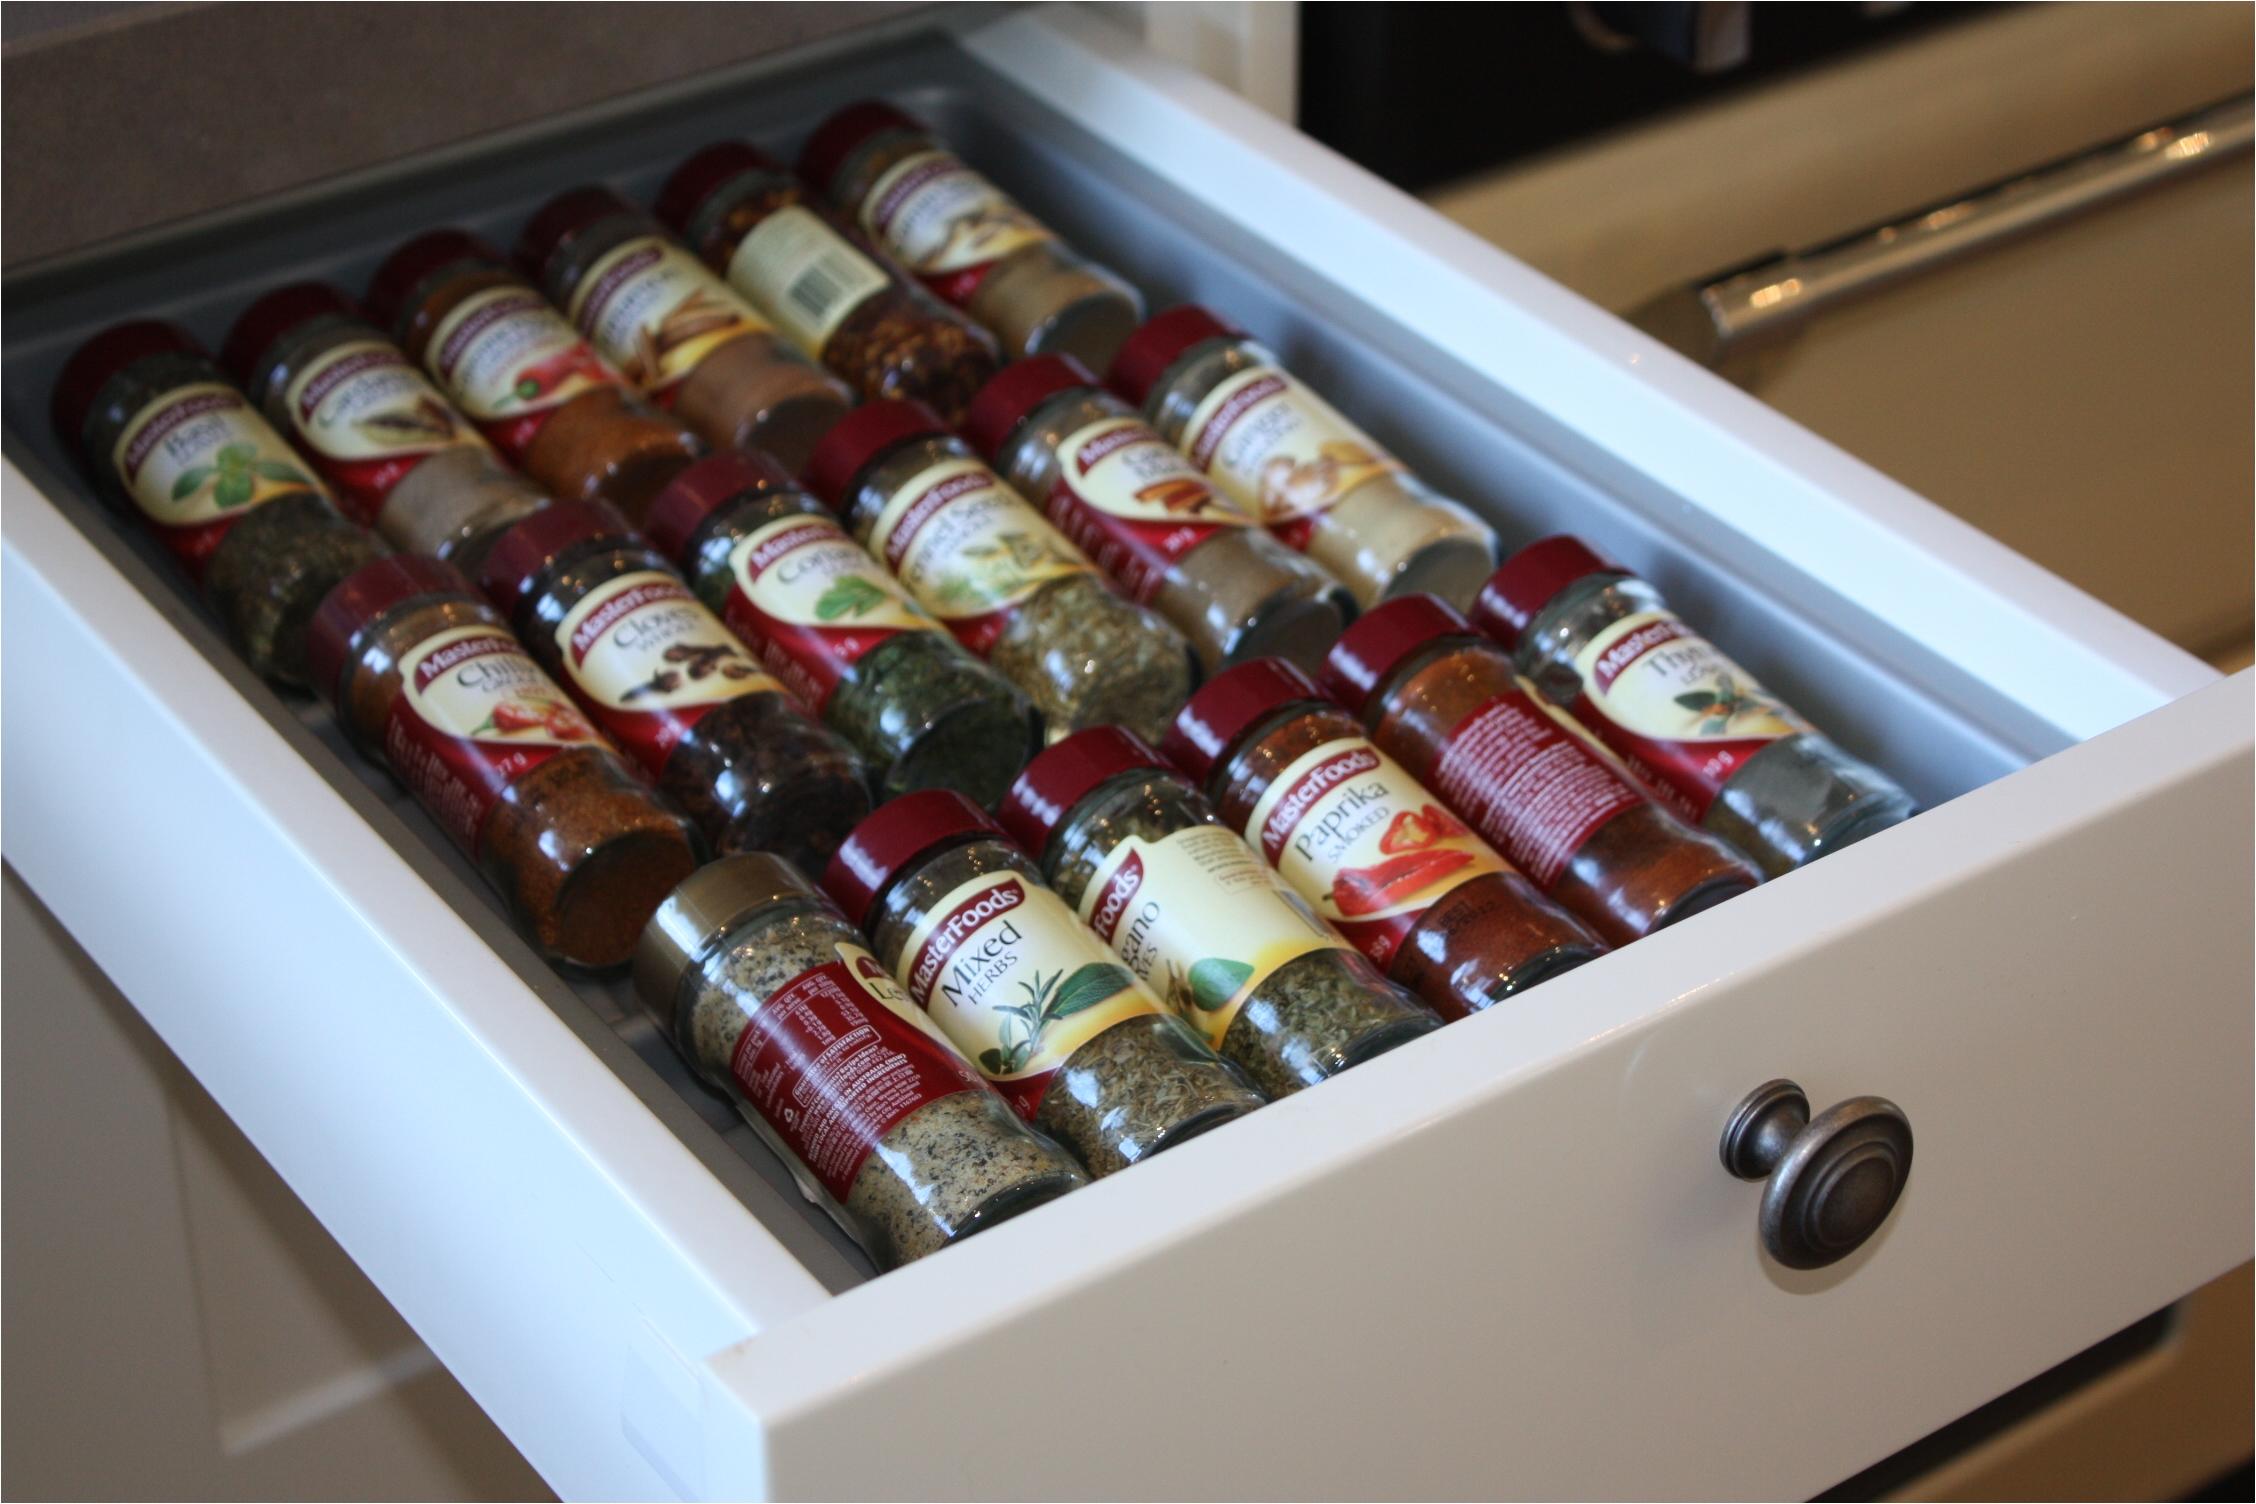 hafele spice drawer insert